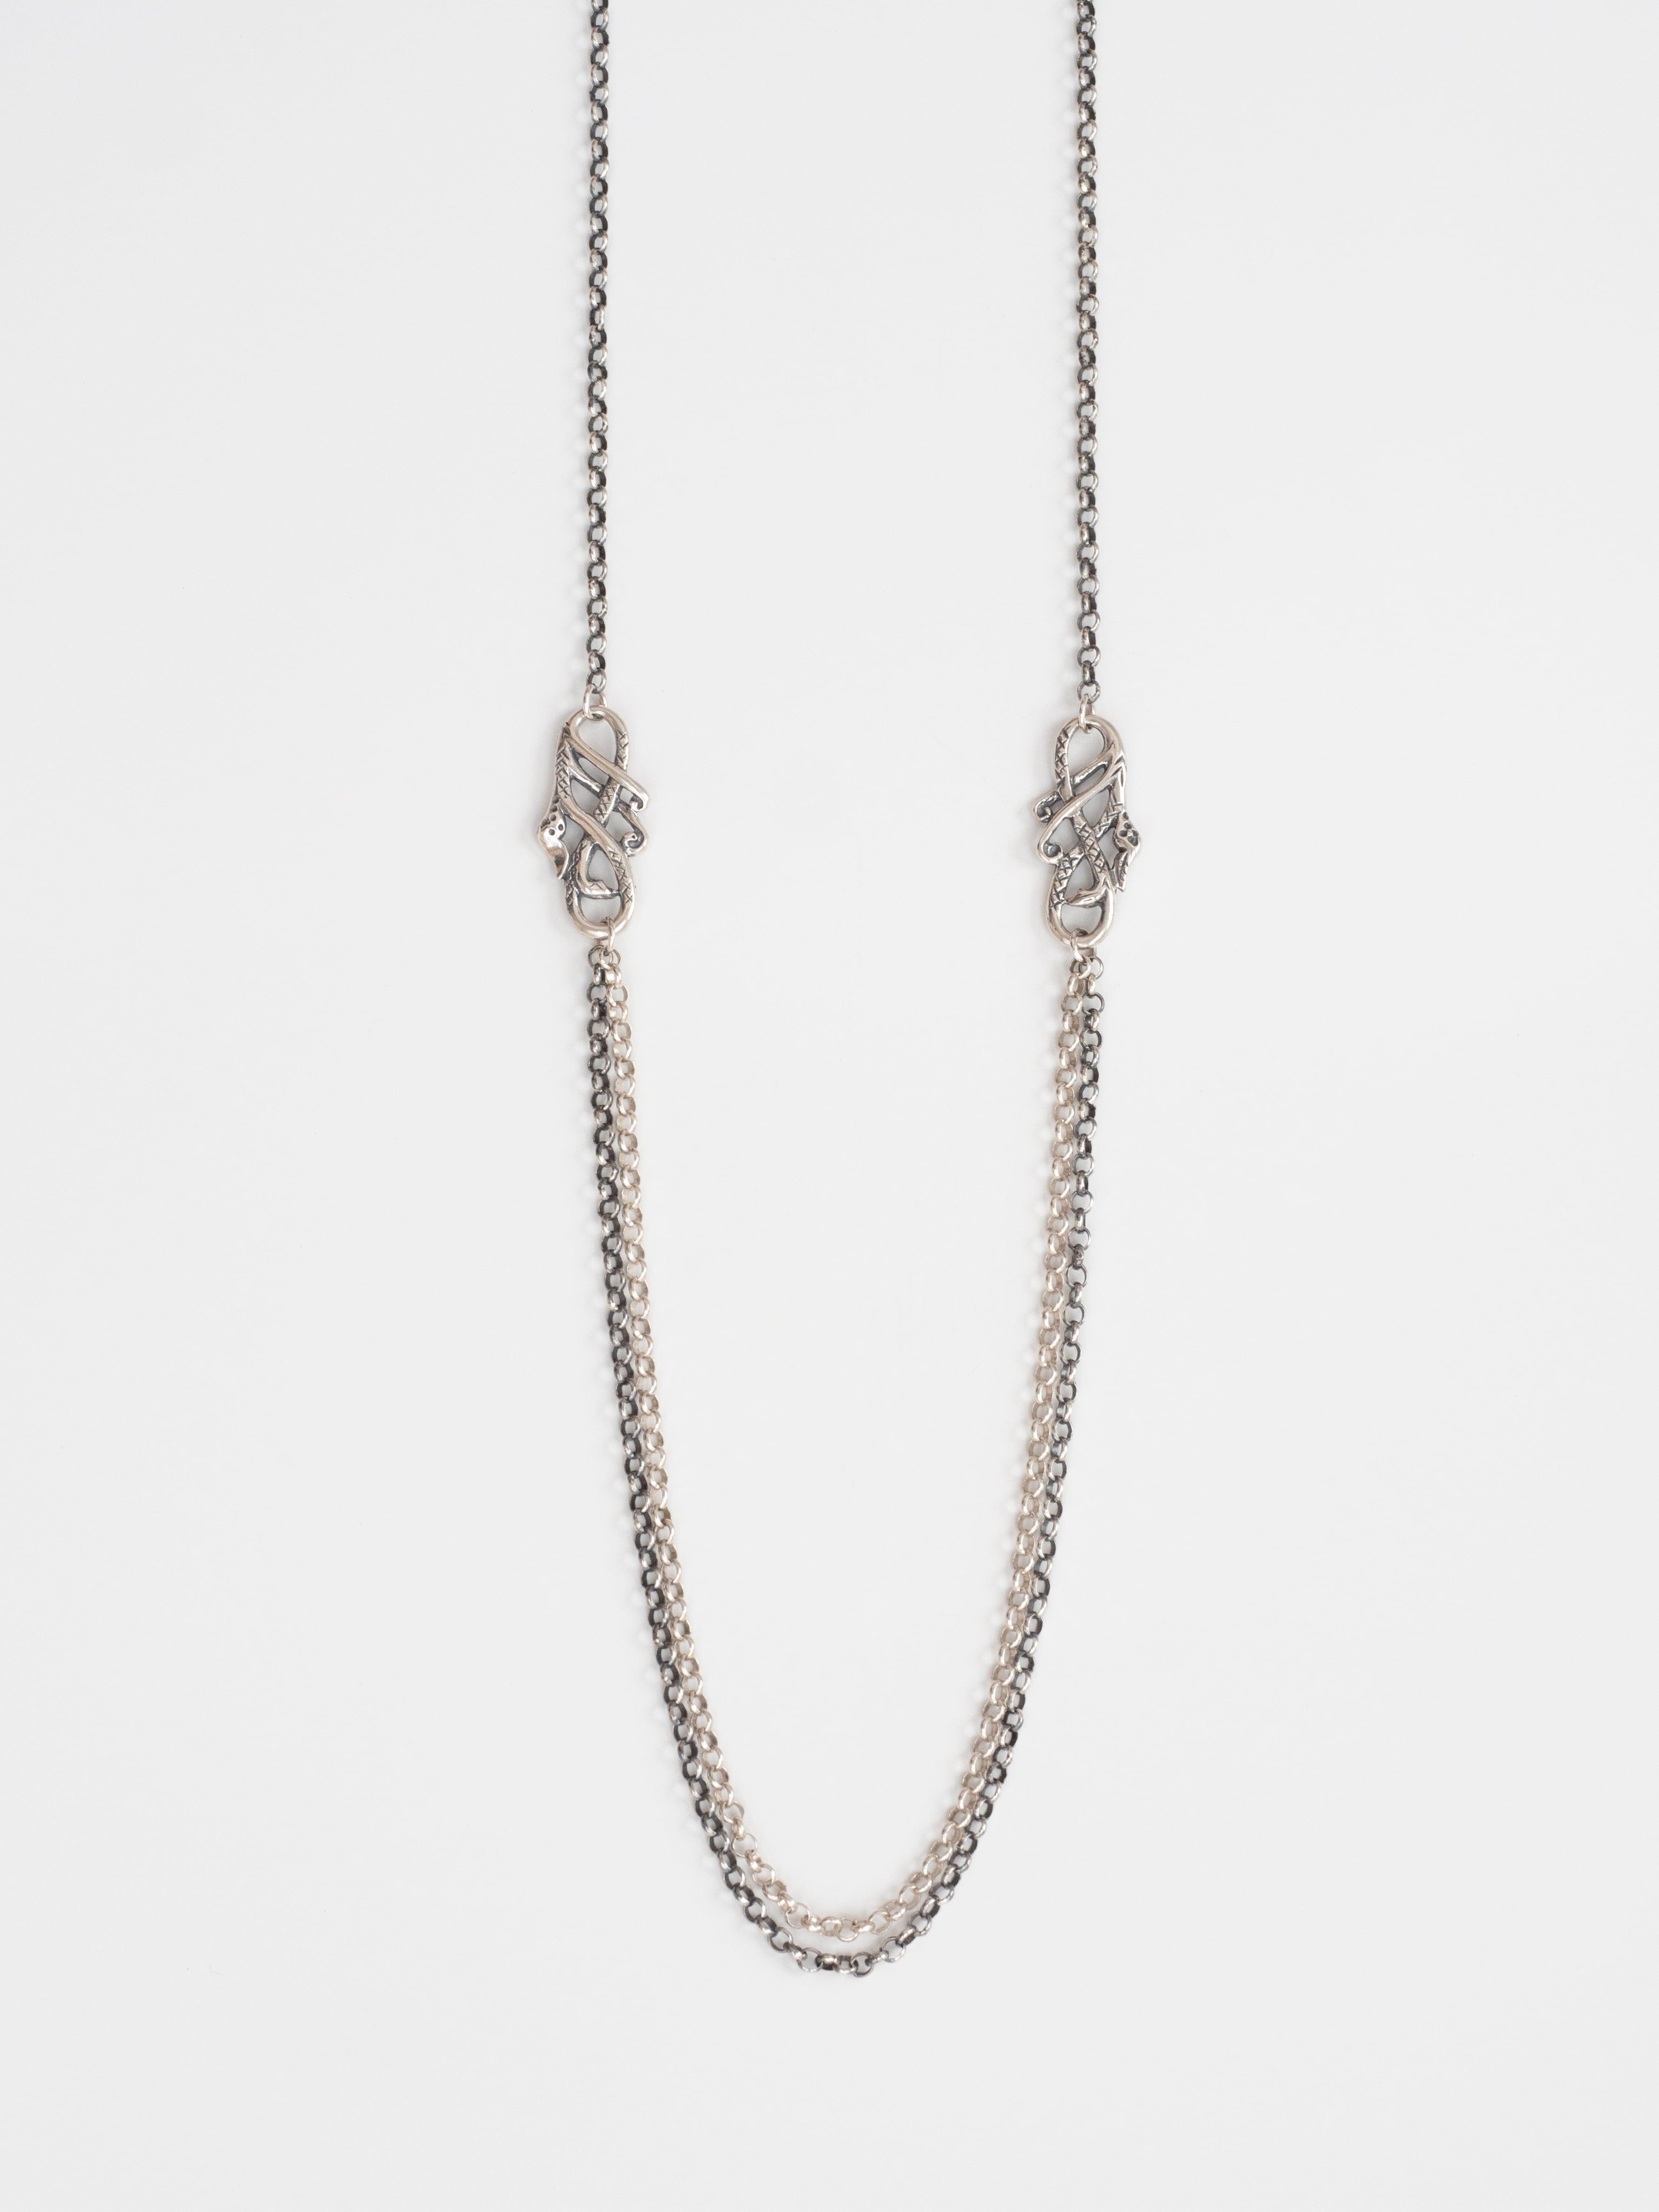 Viking Style Necklace / Denmark